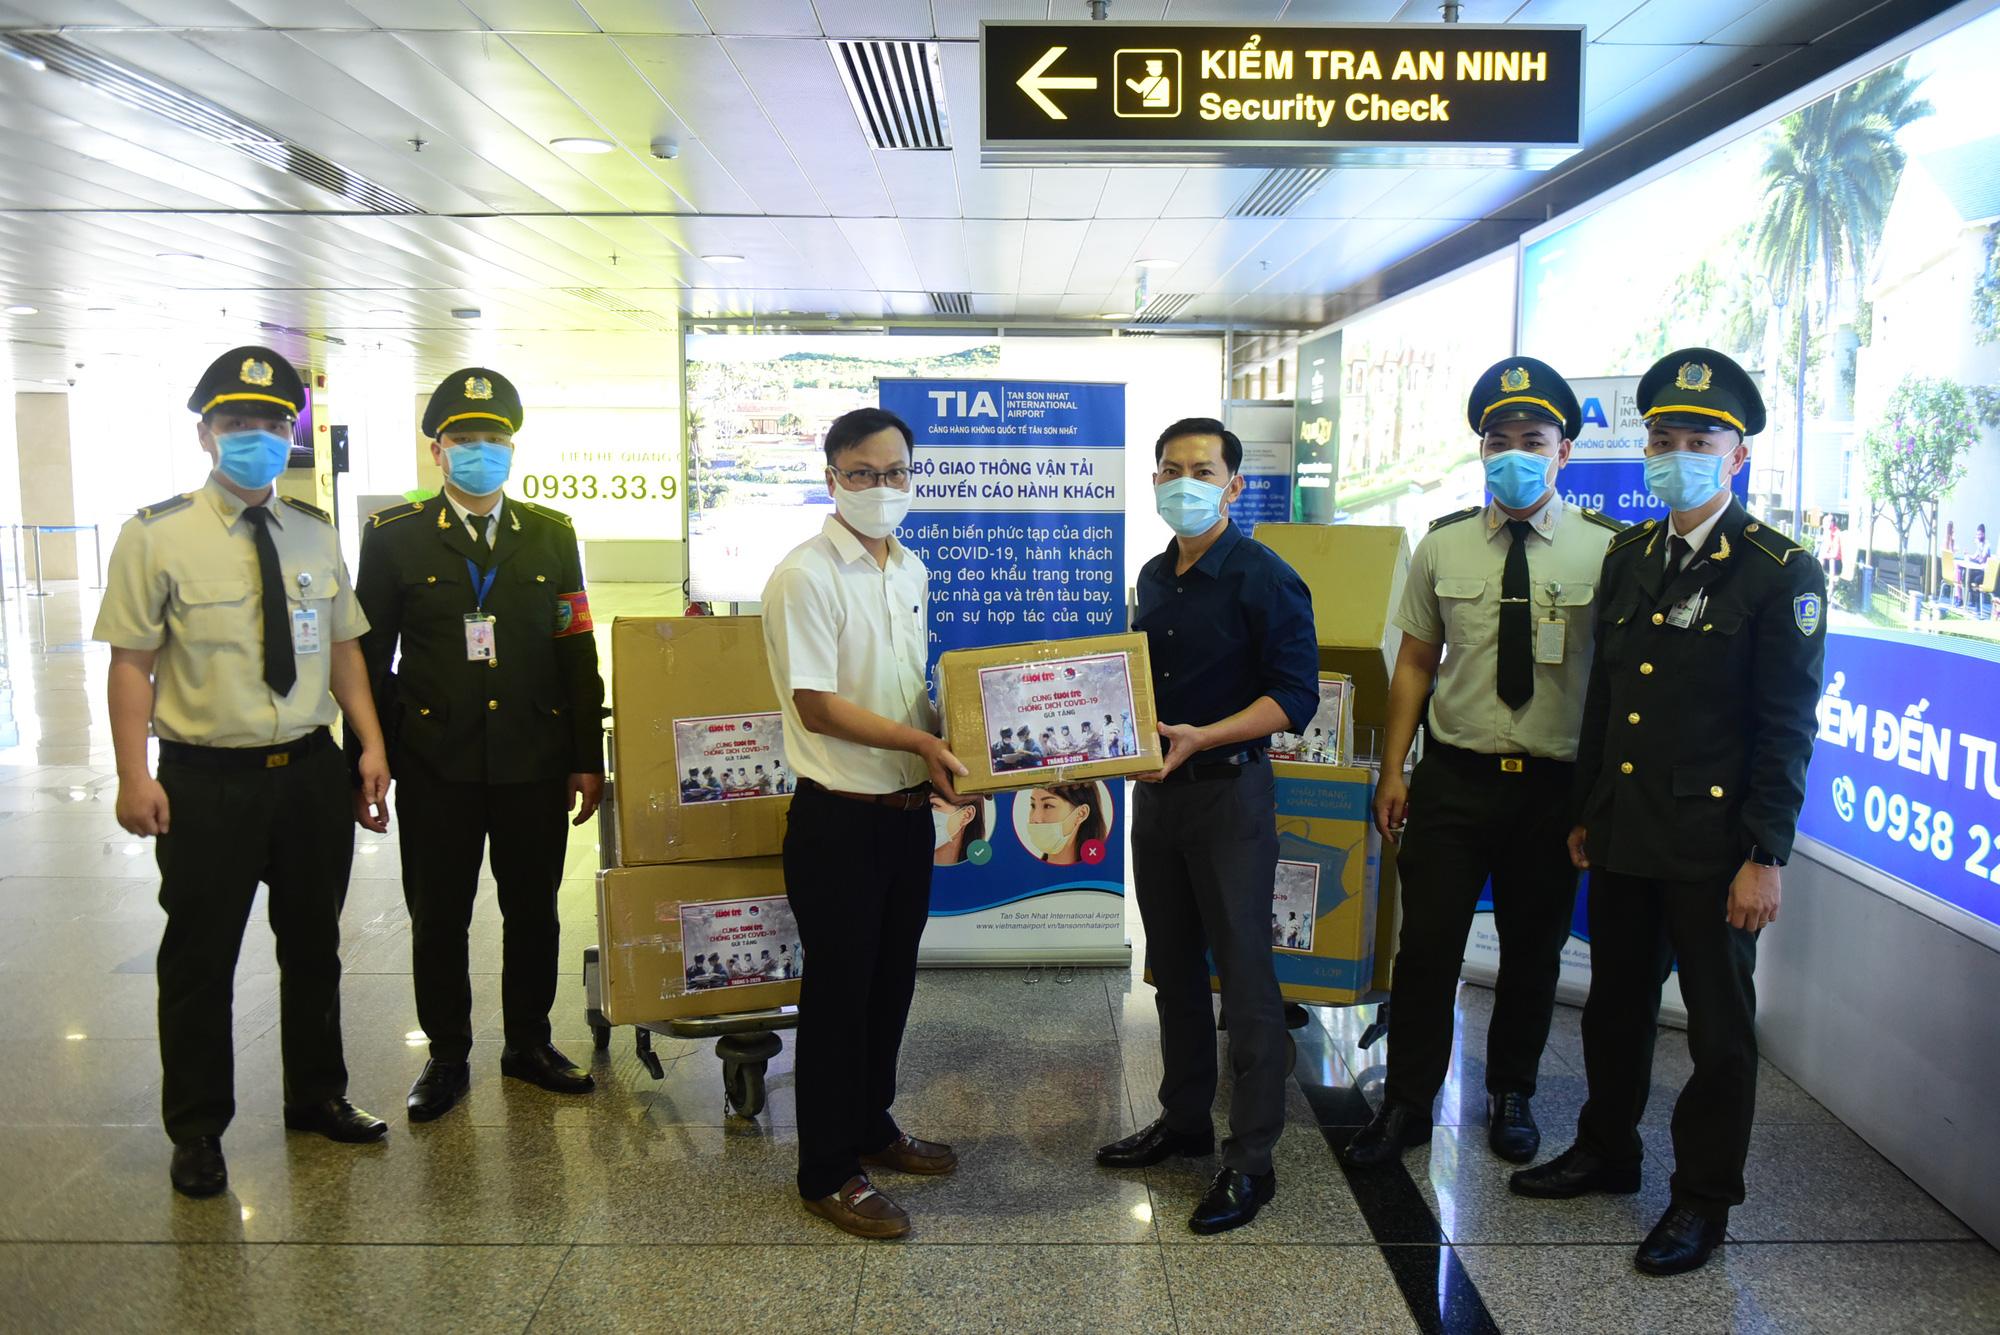 Tuổi Trẻ trao hàng ngàn vật phẩm, thiết bị y tế cho tuyến đầu chống dịch ở sân bay - Ảnh 2.